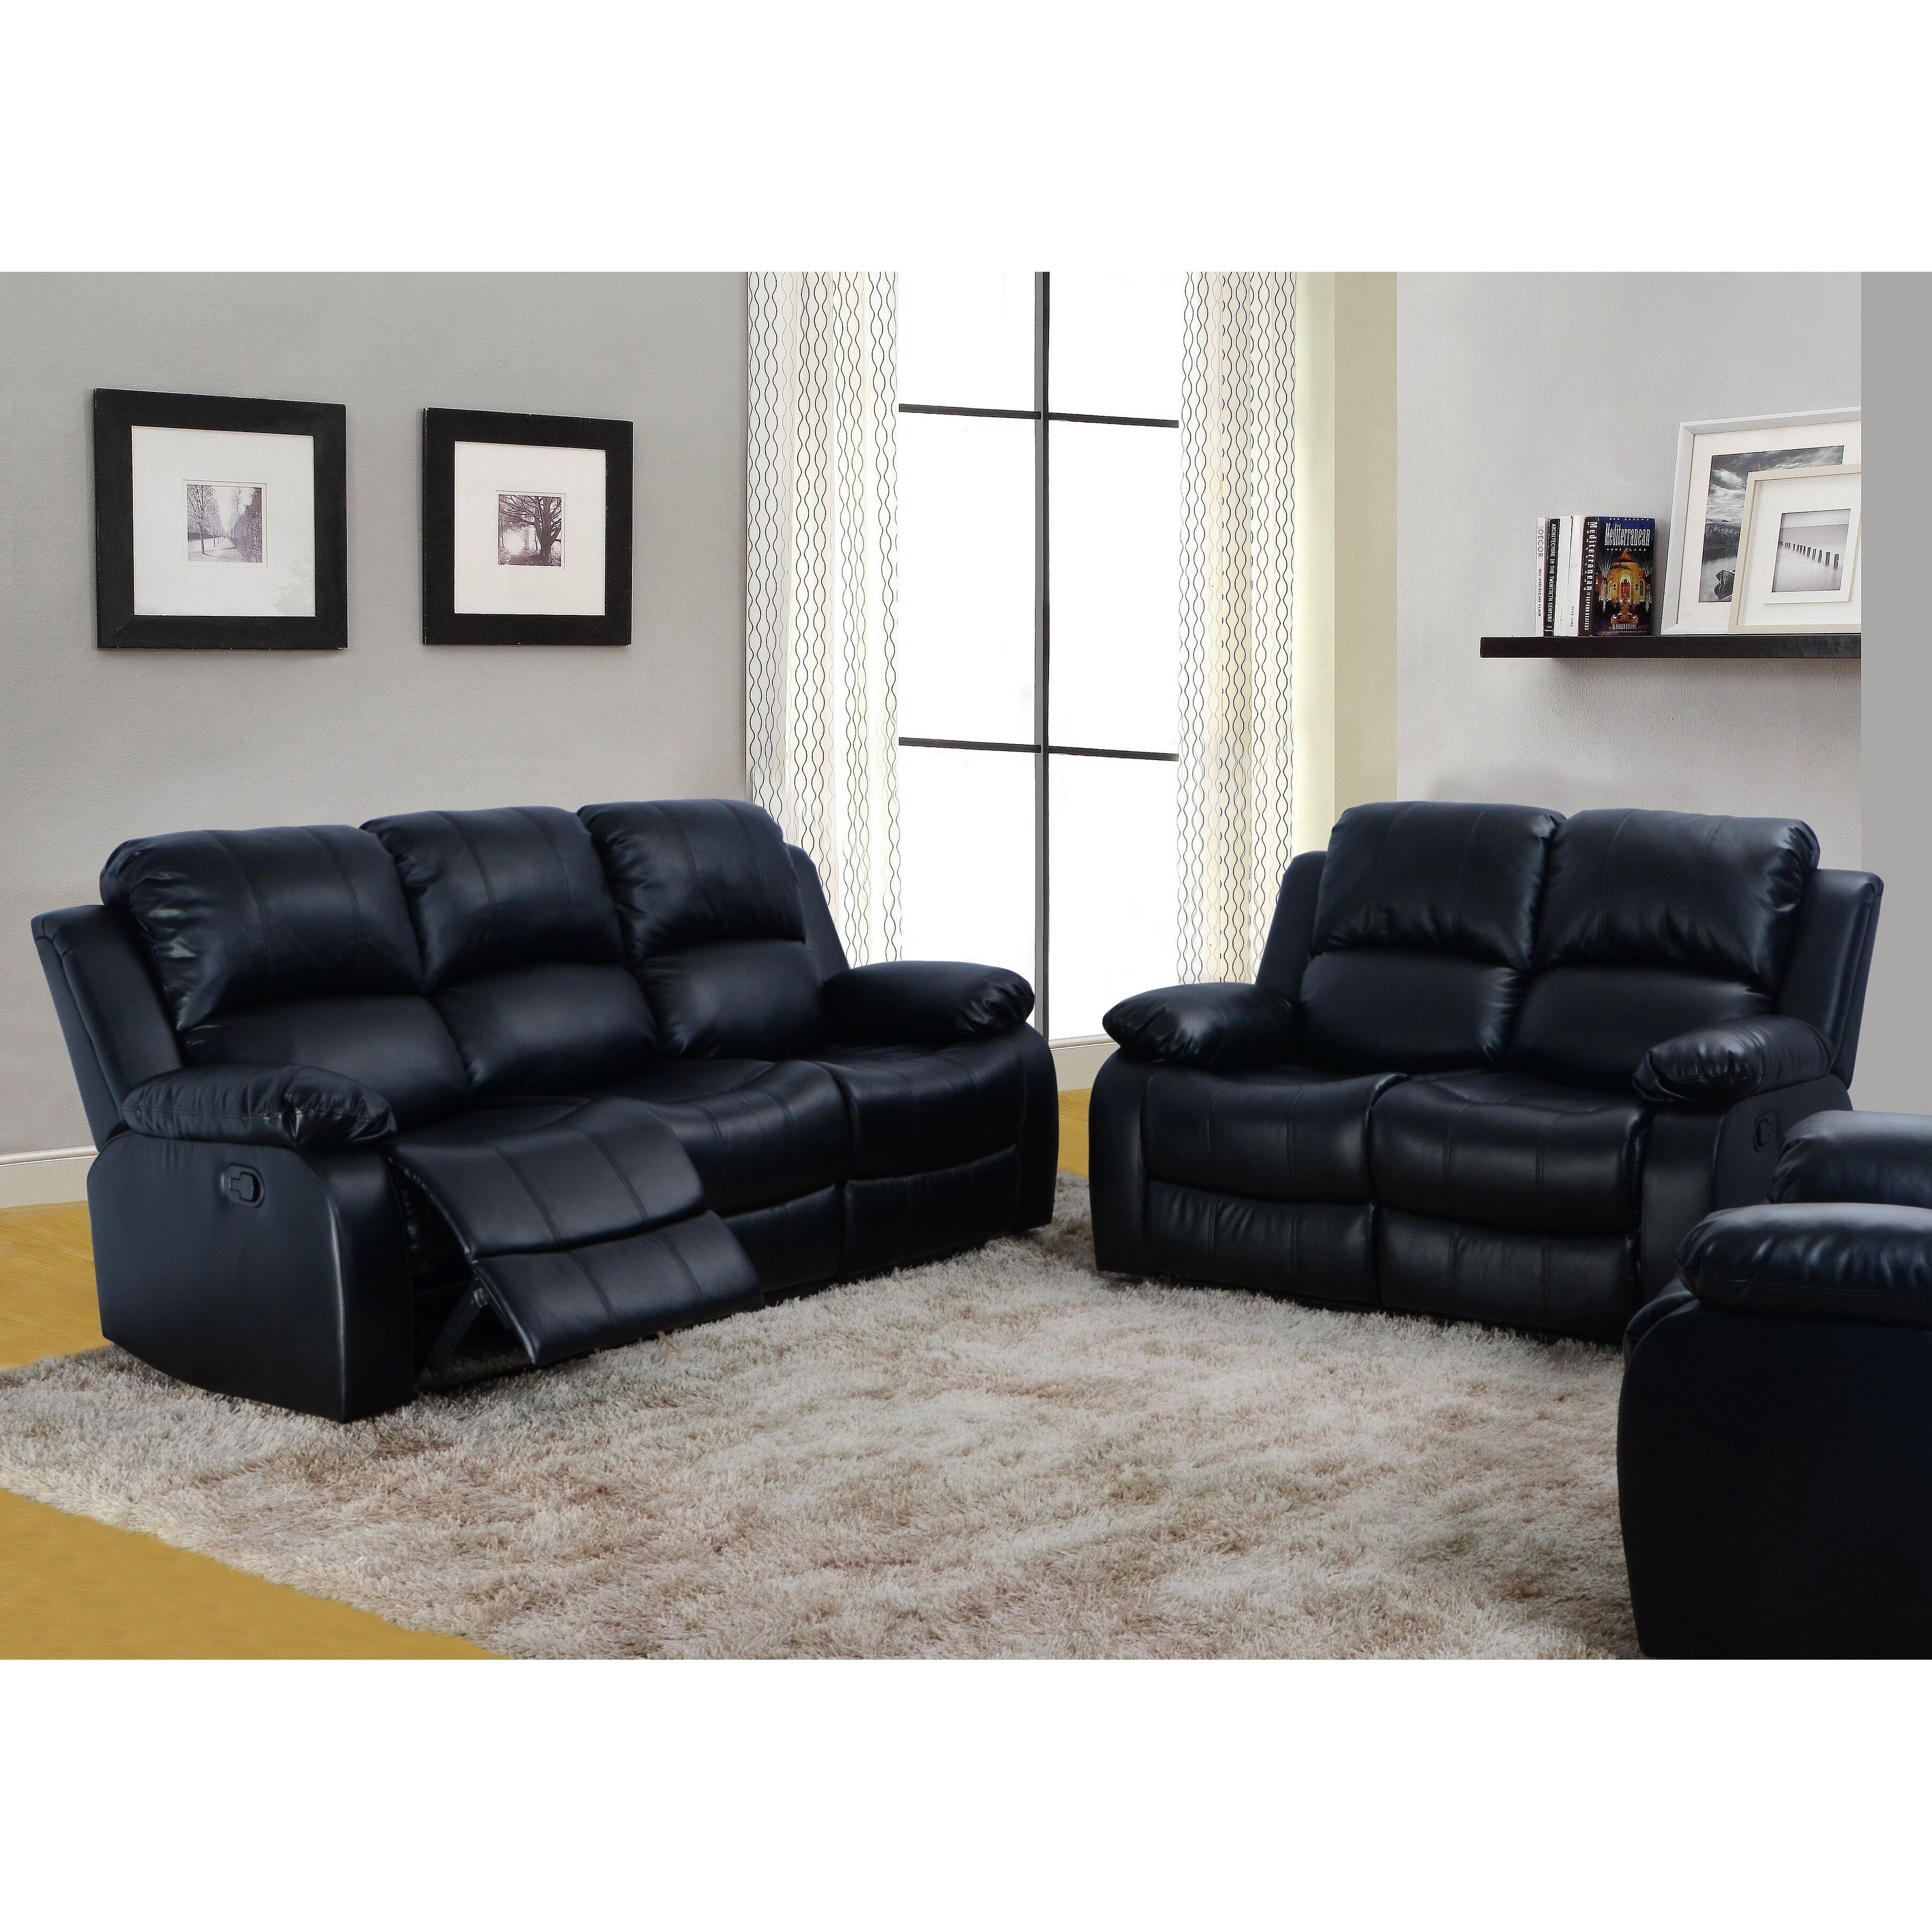 terrific black leather living room set   Beverly Fine Furniture Denver 2 Piece Bonded Leather ...